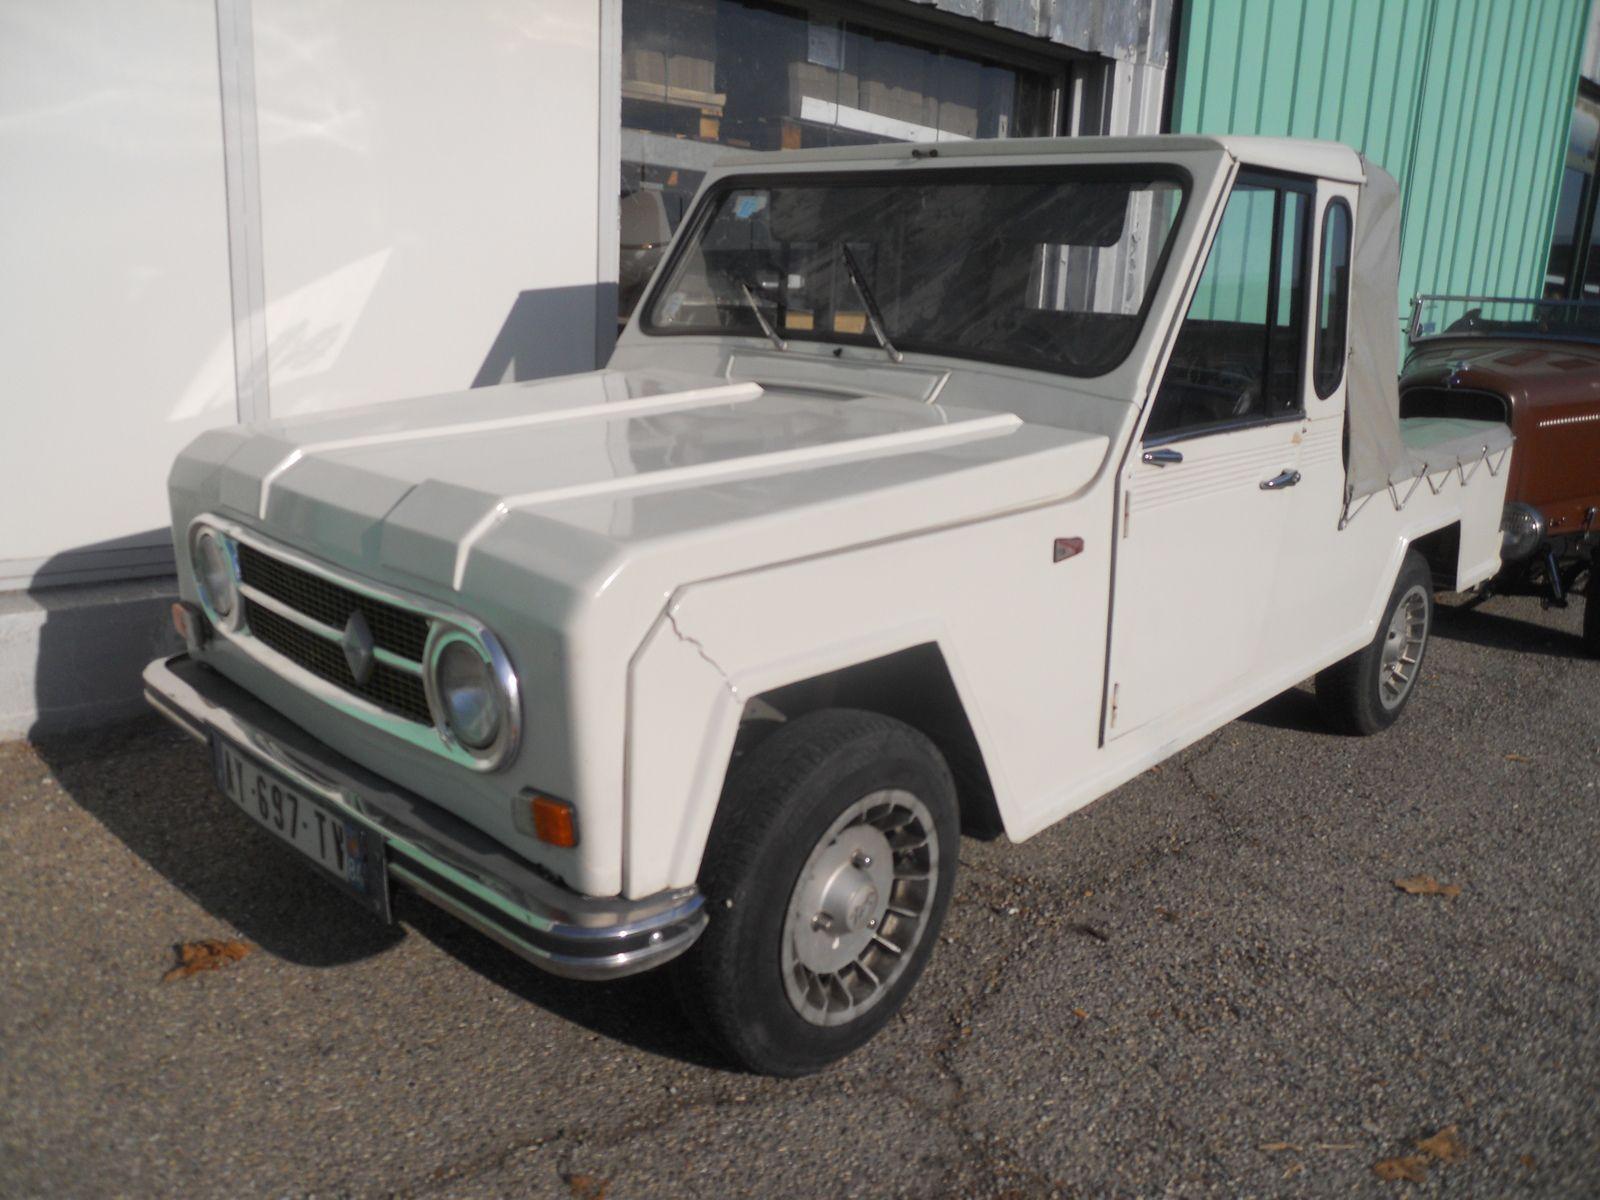 Des propriétaires de véhicules produits par TEILHOL qui cherchent à savoir  comment contacter le garage M.M. RODEO SHOP (M.M. comme Marc Mouchet) implanté à Avignon